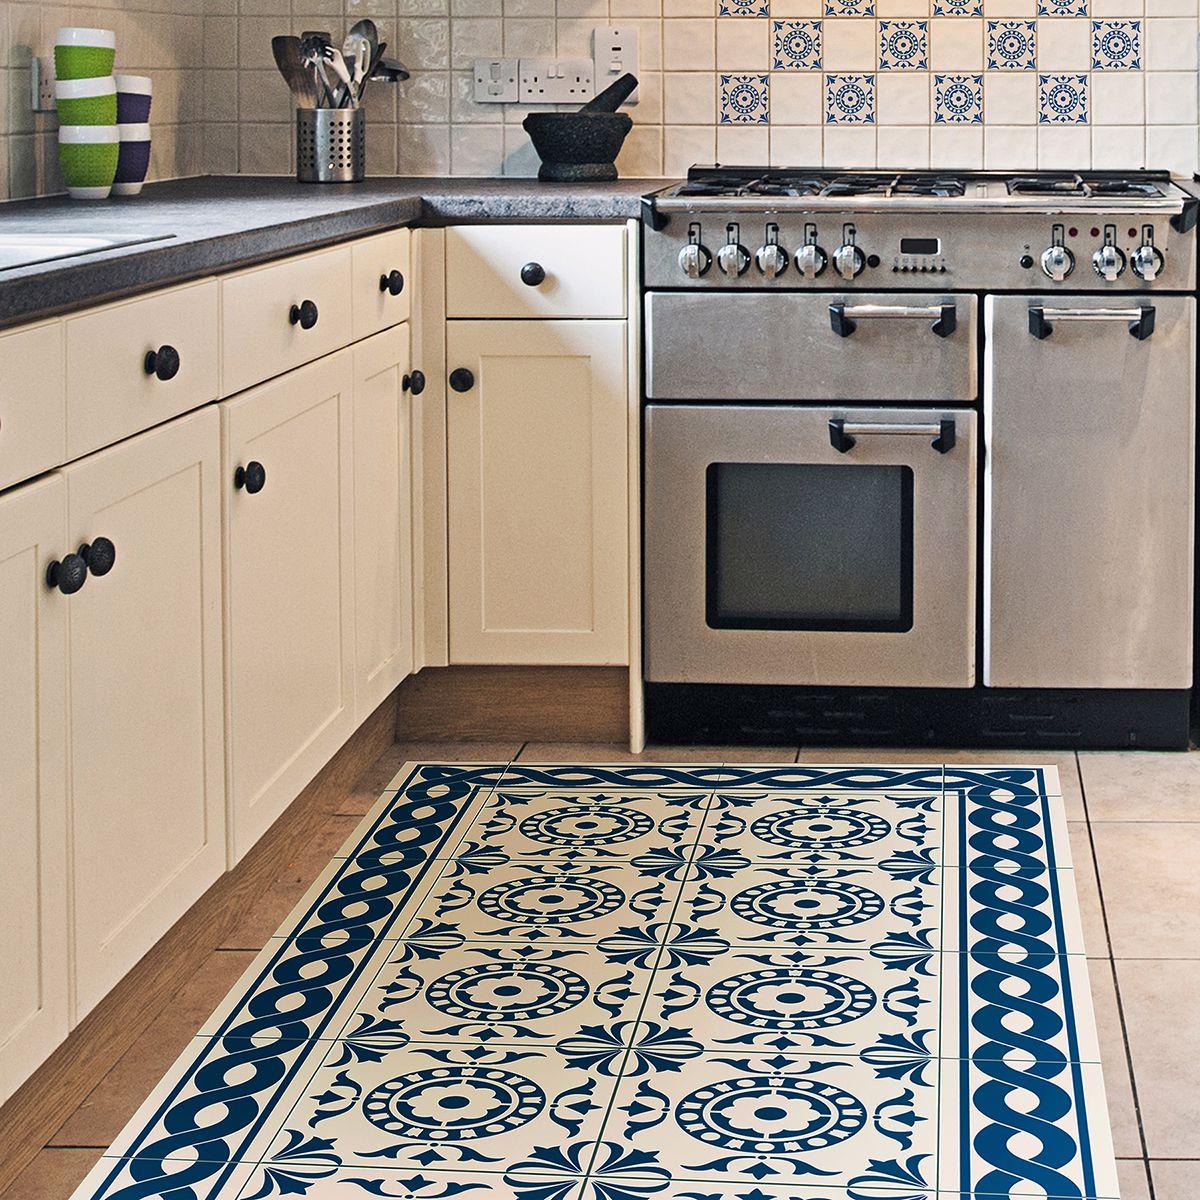 Home Decor Line 19.7-in By 47.2-in Tile Carpet Vinyl Floor